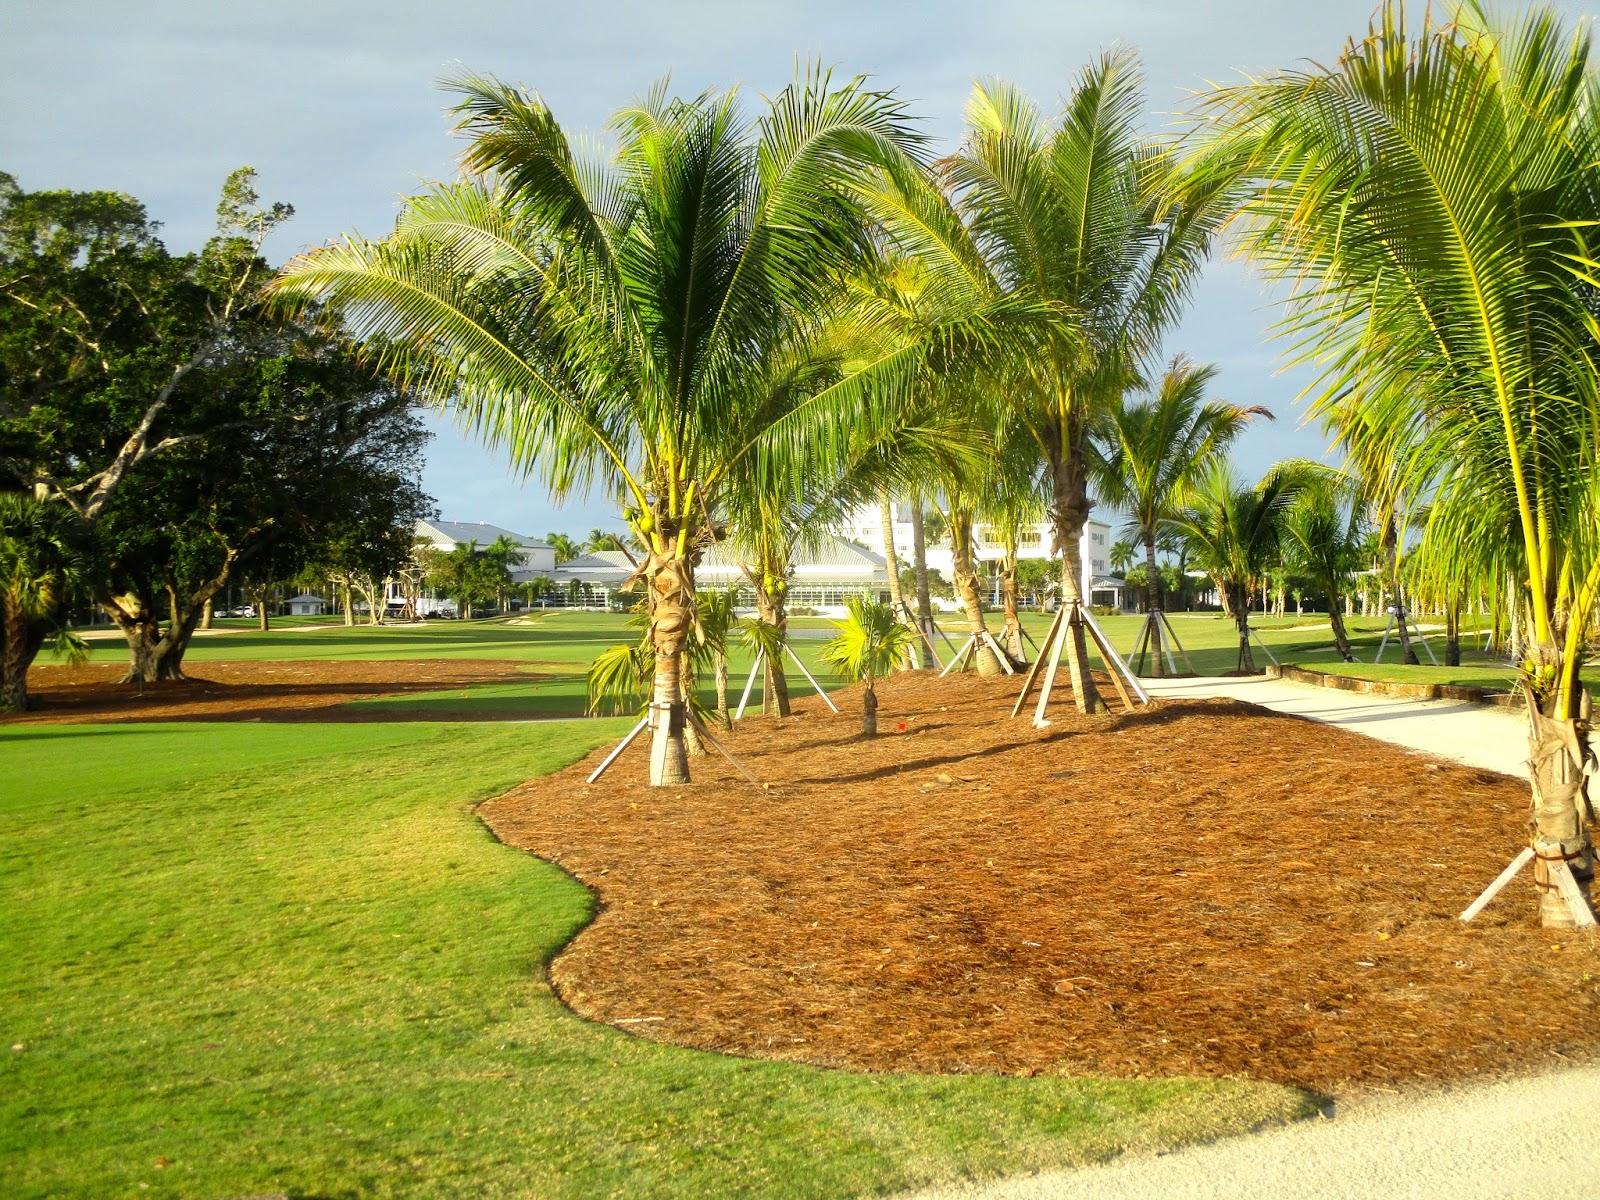 The Golf Travel Guru: On Location: Naples Beach Hotel & Golf Club